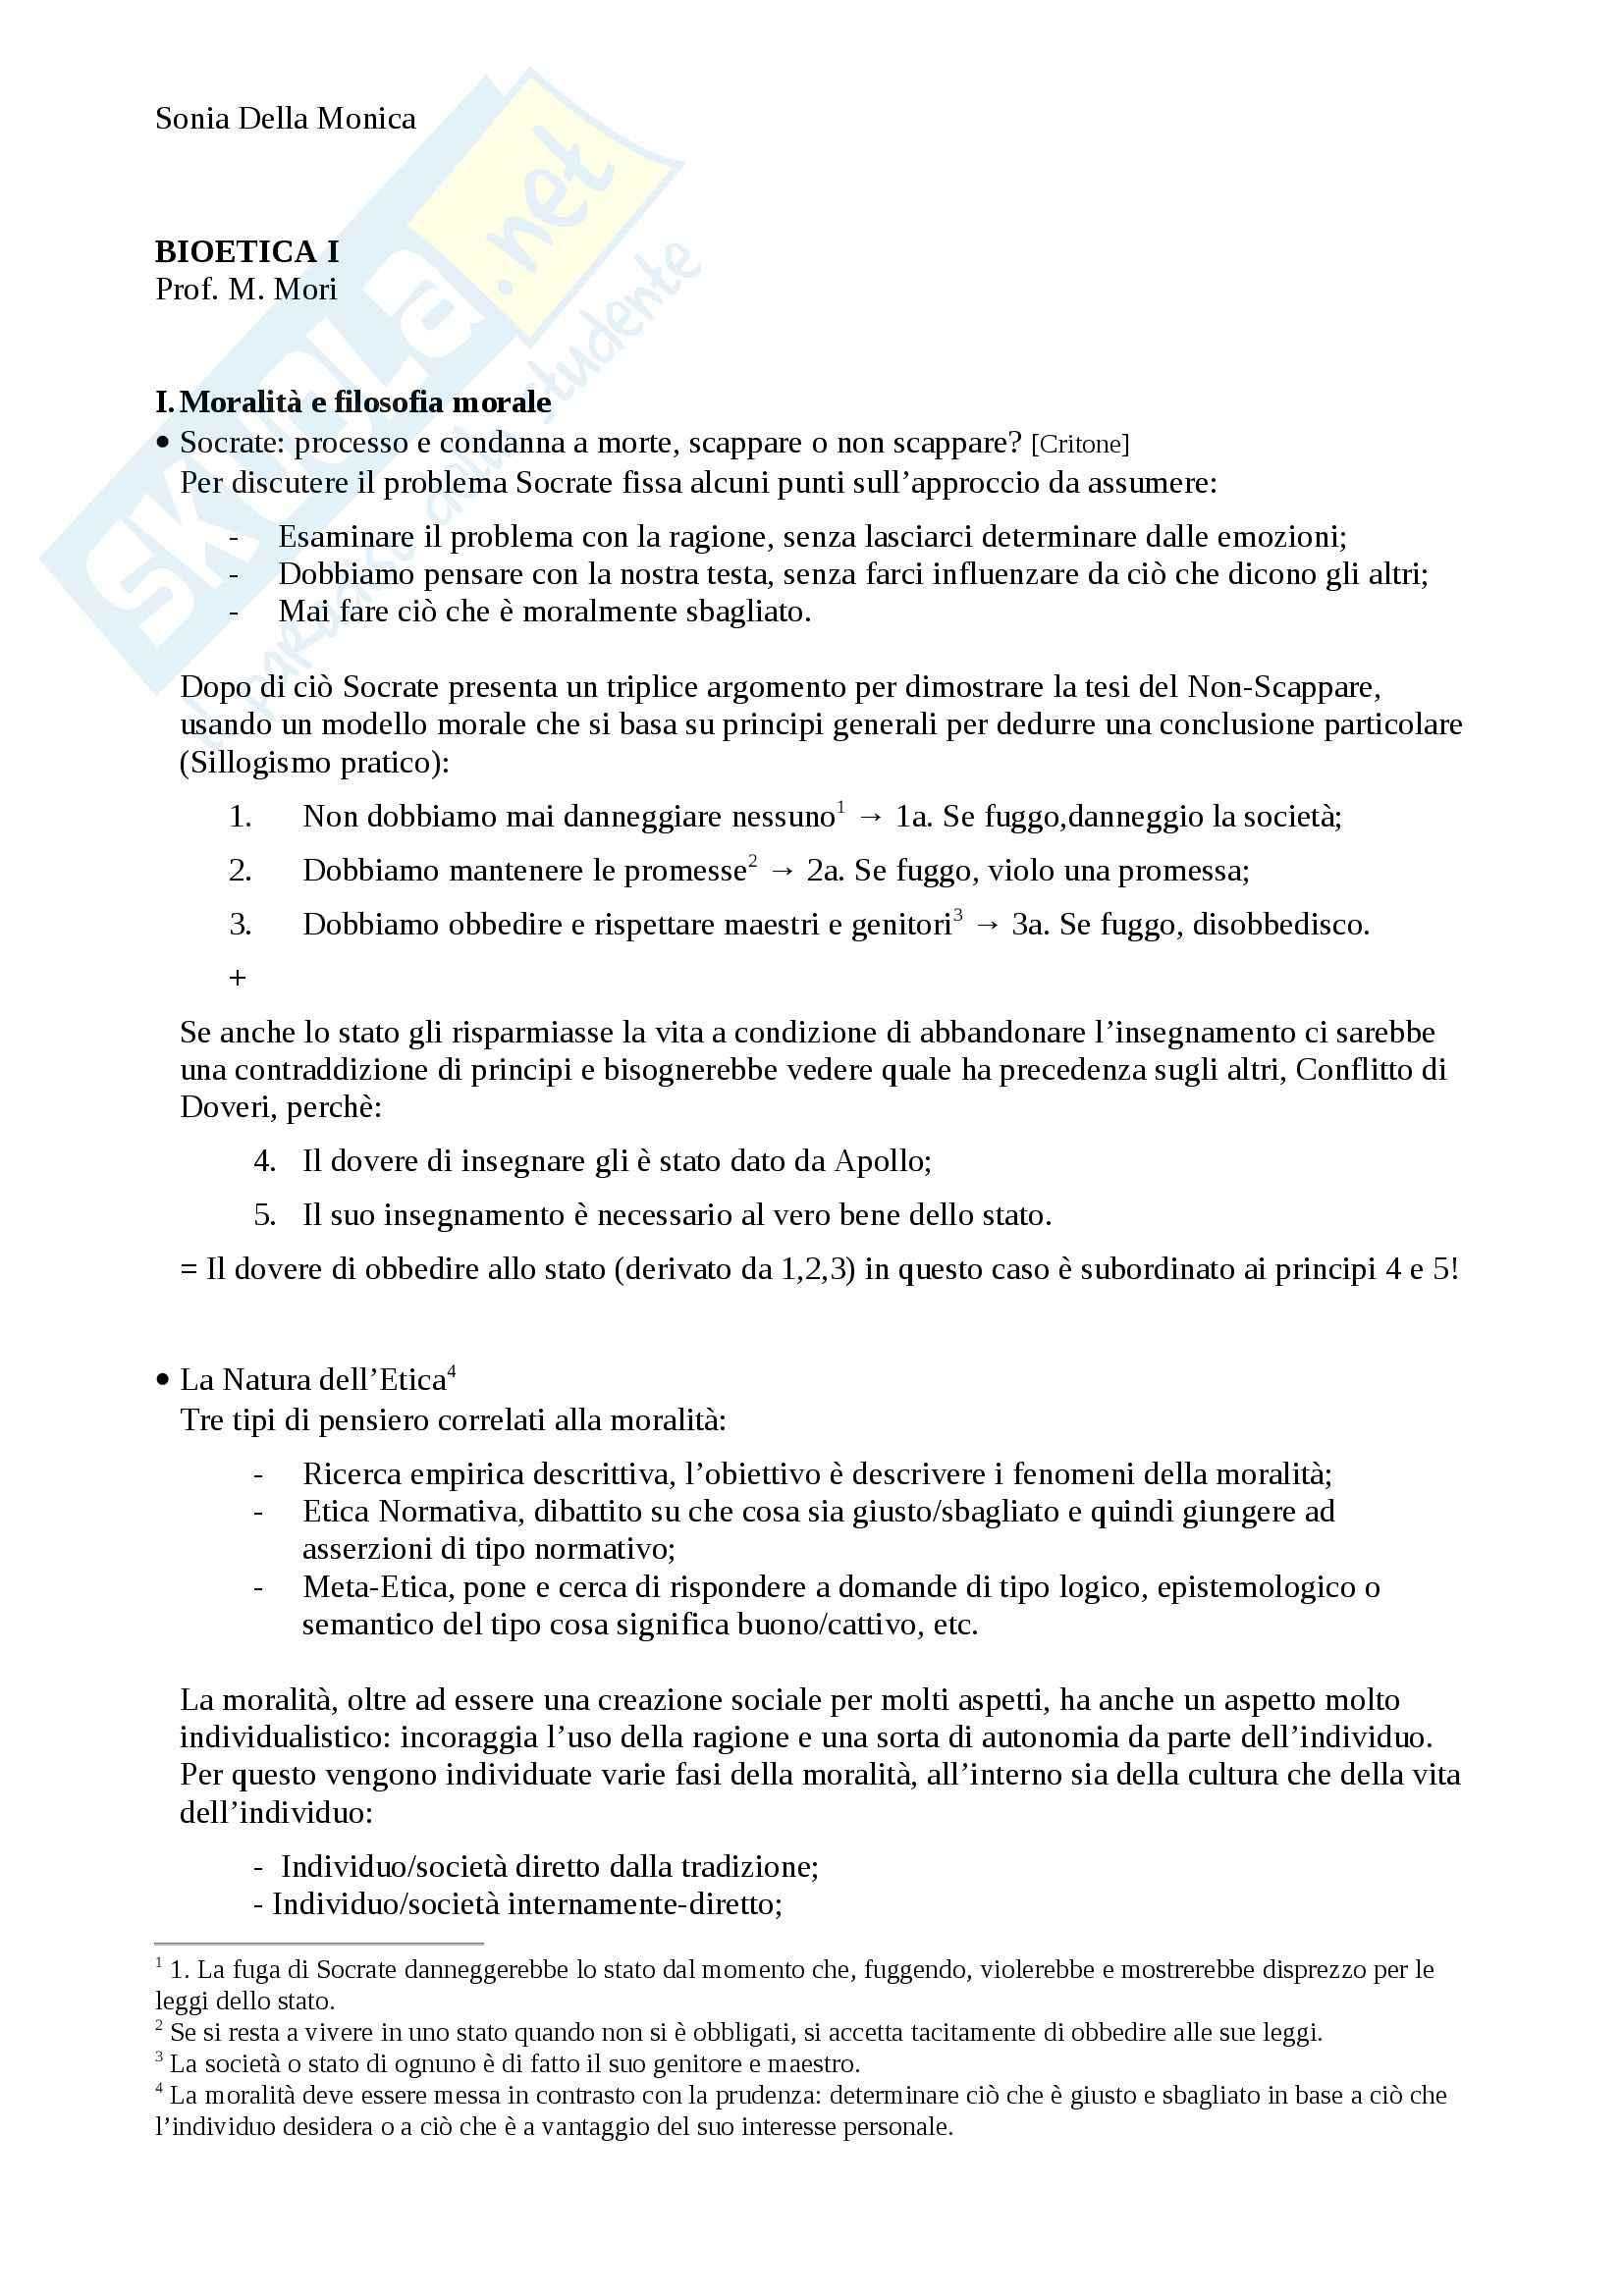 Lezioni prima parte, Bioetica